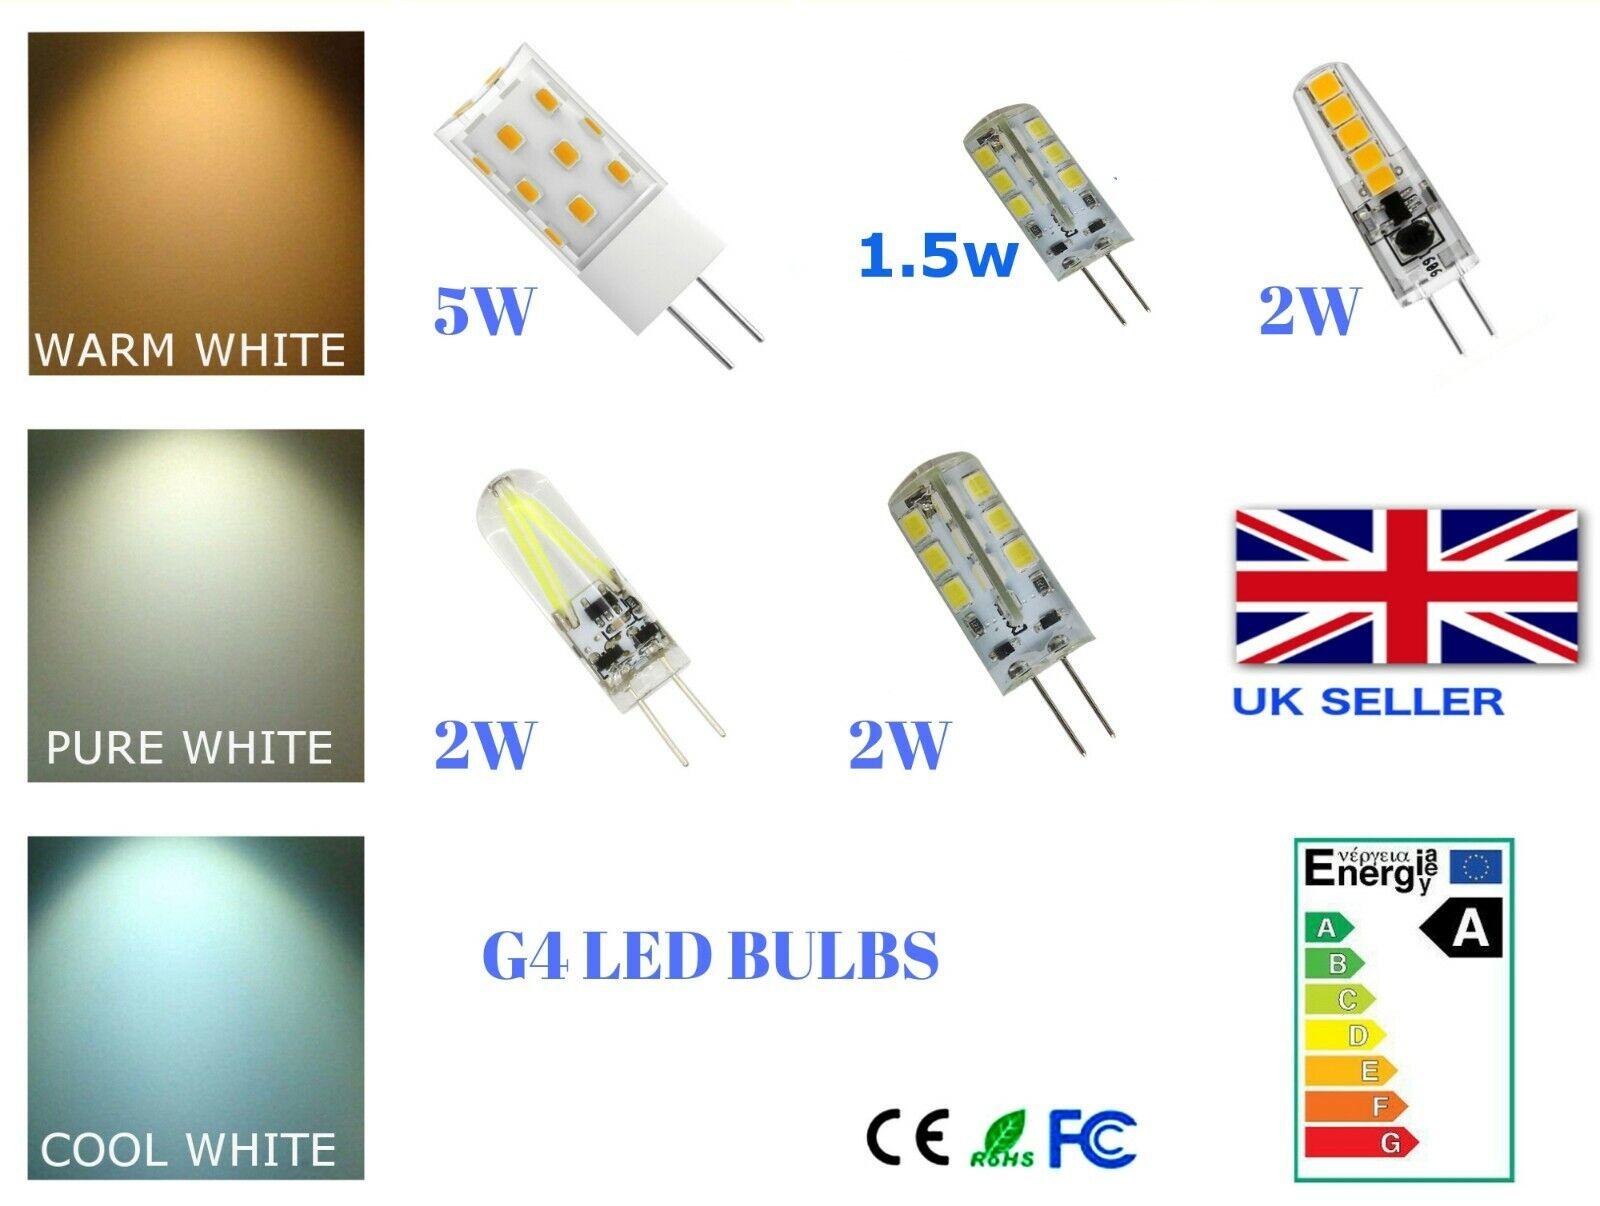 Ampoule capsule LED G9 filament 2W remplace 20W 3000K blanc chaud A++ Lot de 2